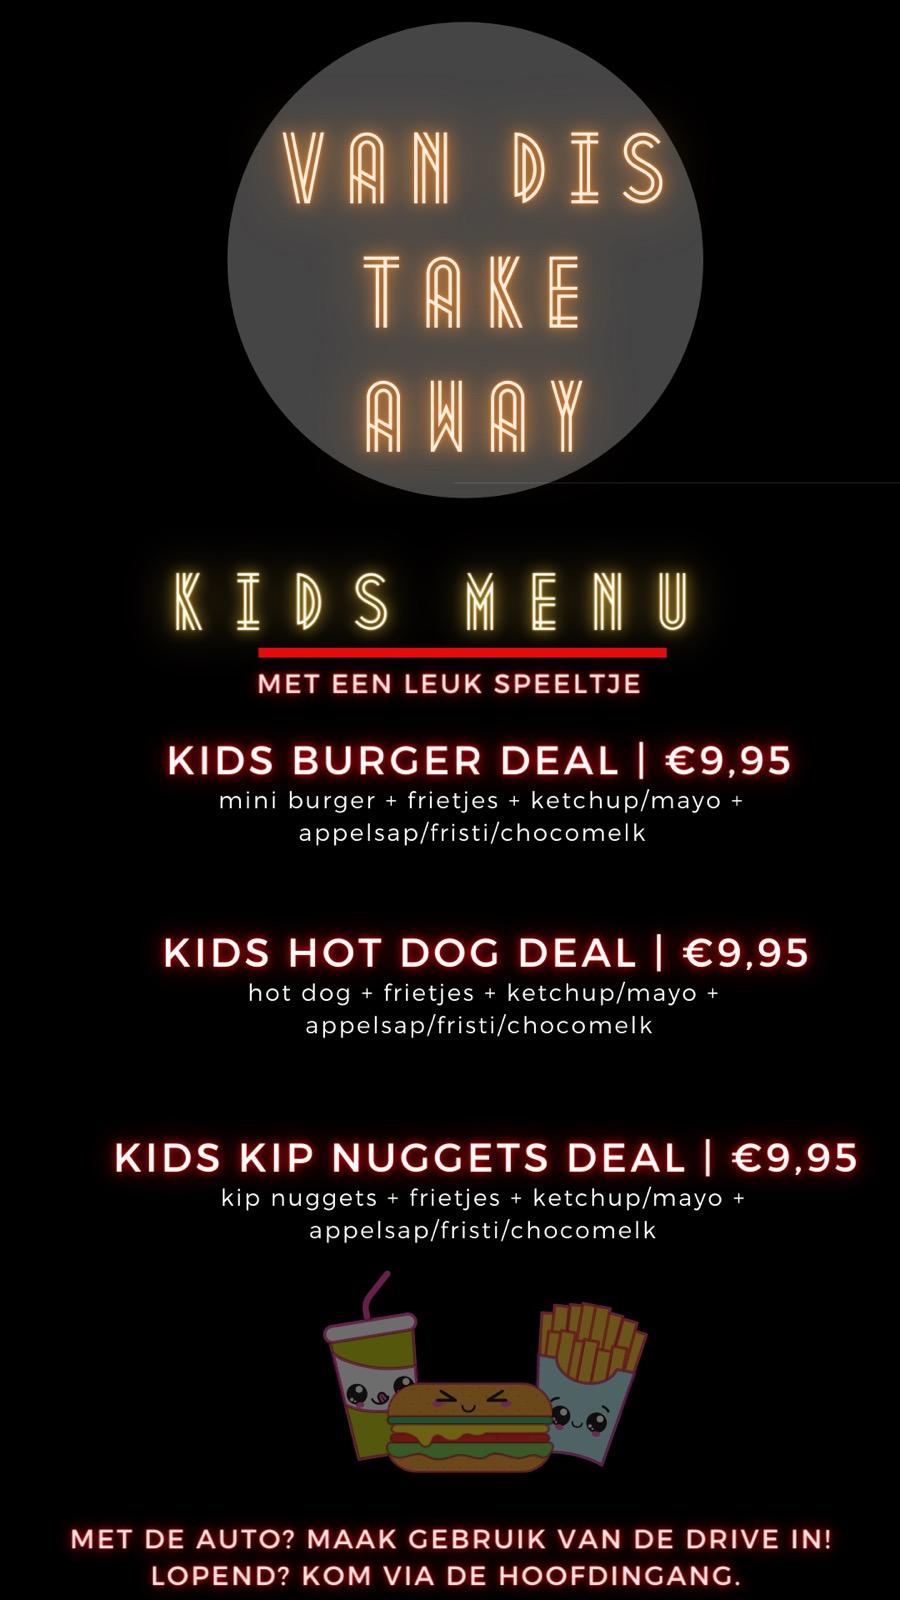 Kids menu van Van Dis